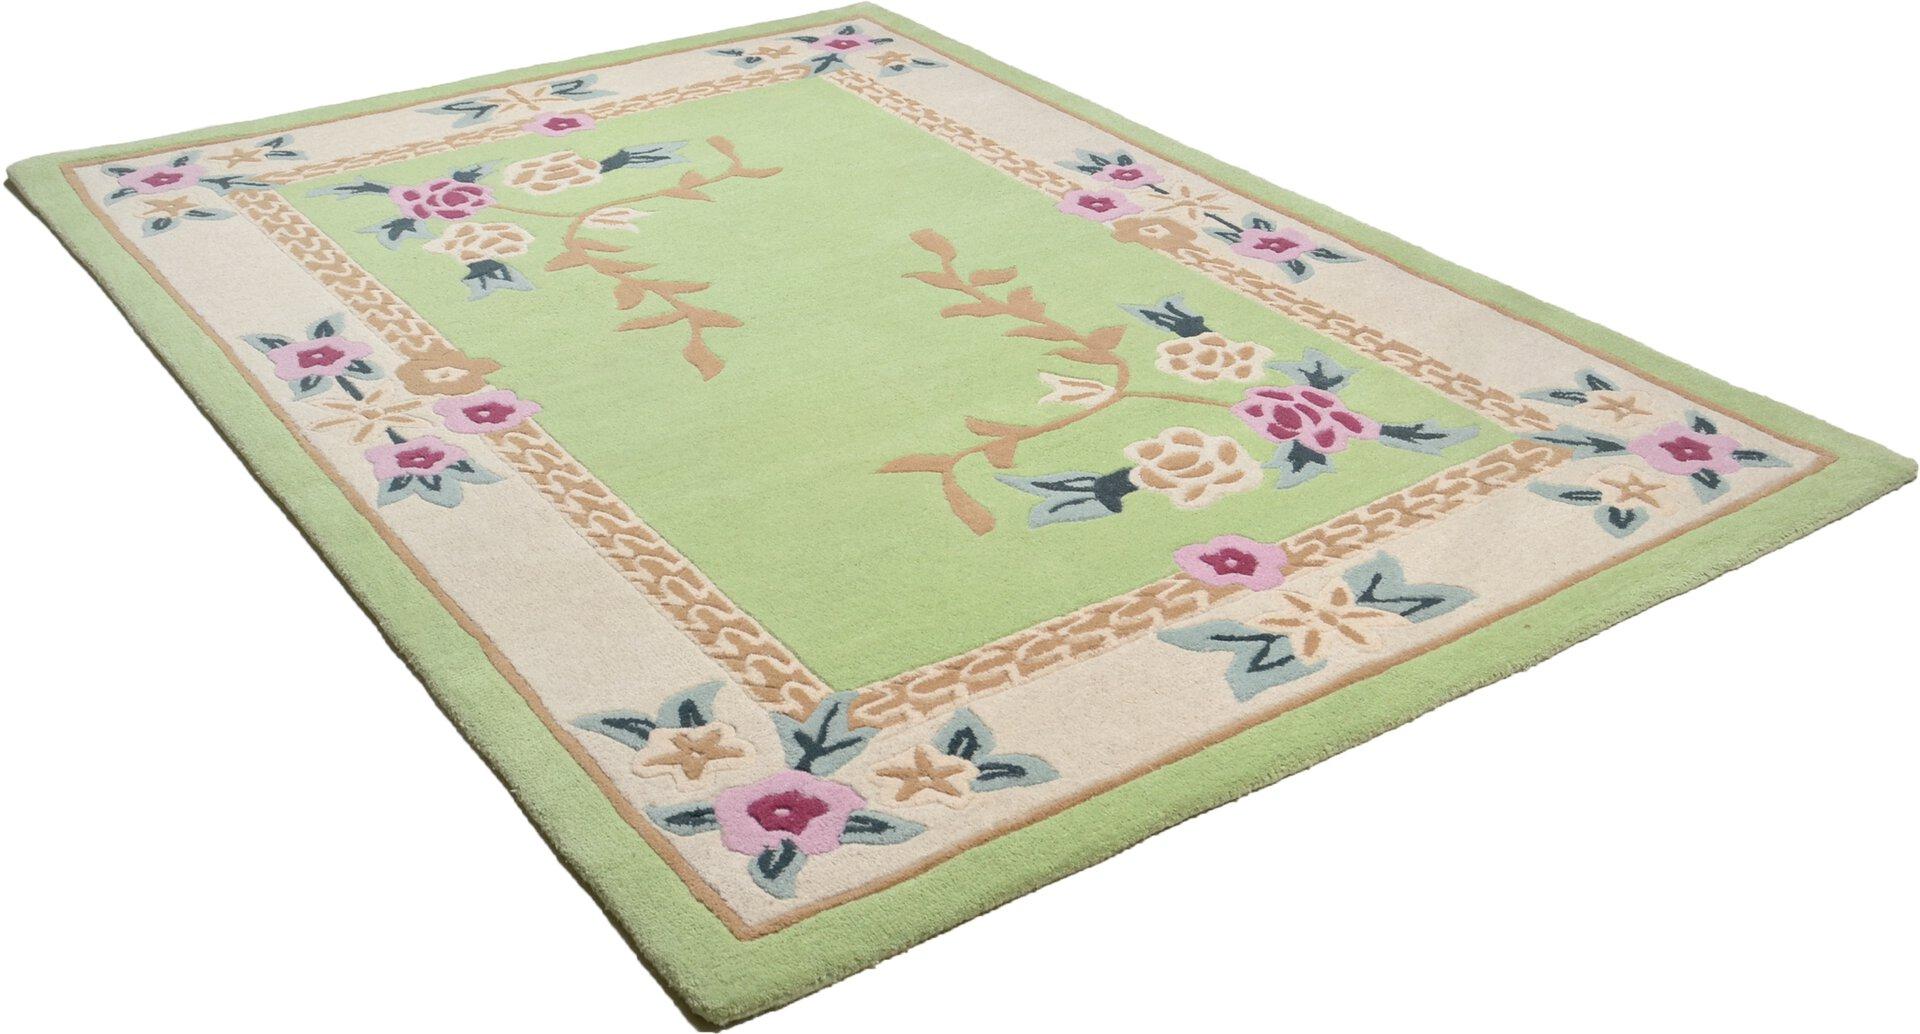 Handtuftteppich Lifou Theko Textil grün 1 x 2 cm